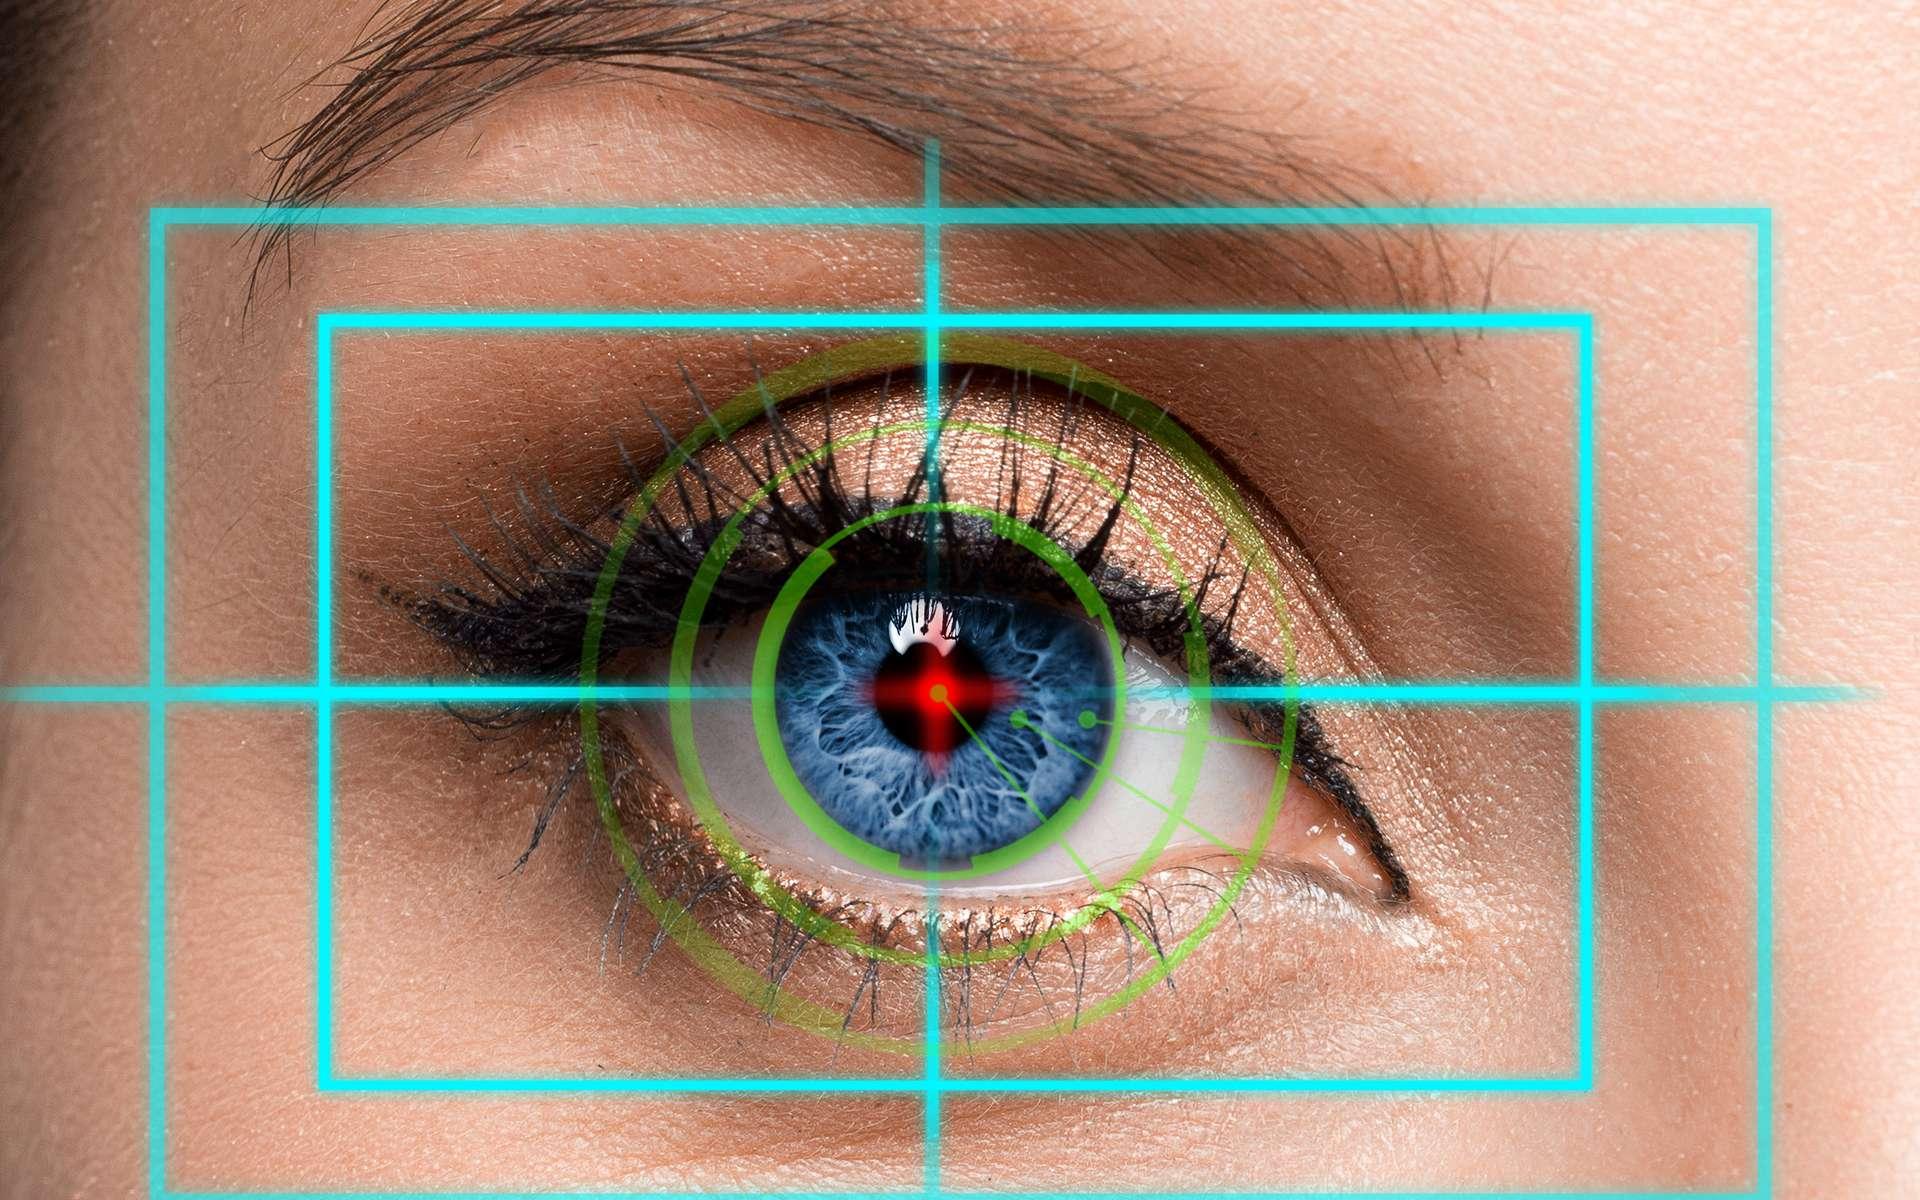 Près d'un million de Français pourraient bénéficier de la technologie de Keranova pour le traitement de la cataracte. © Stavros, Adobe Stock